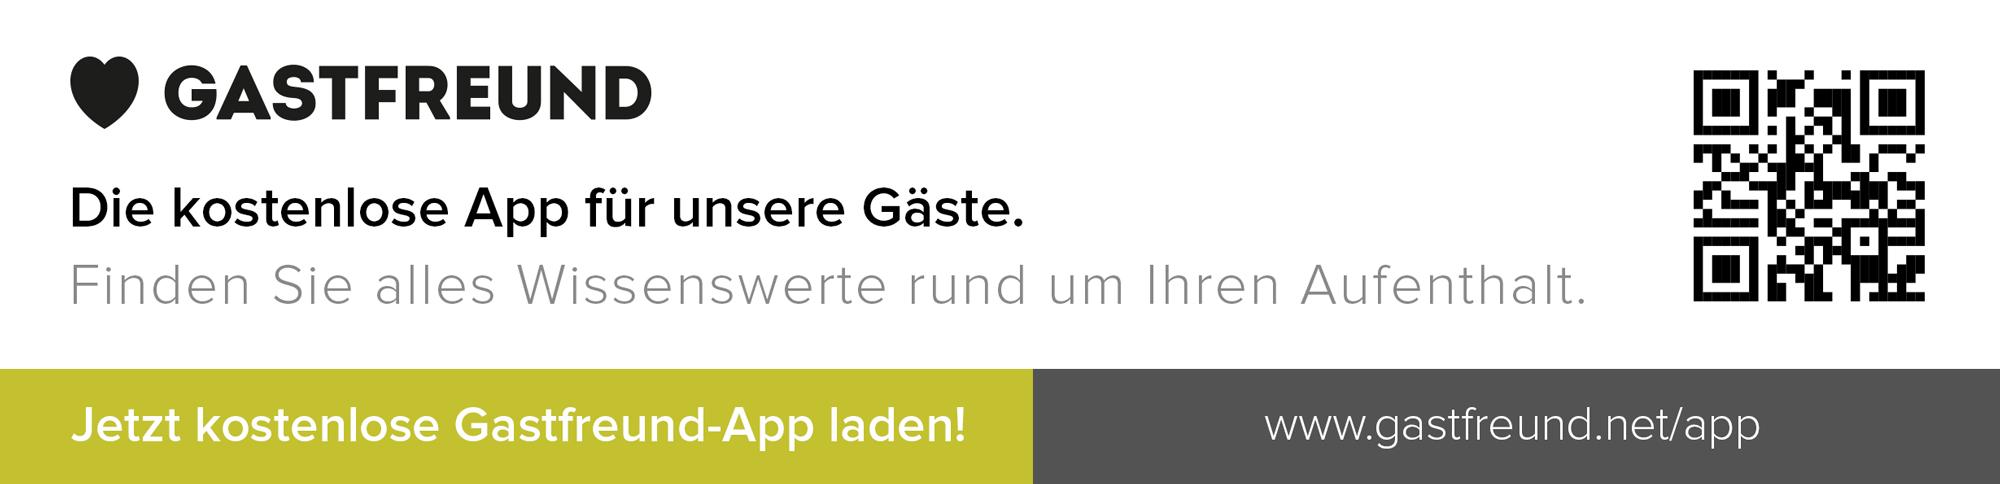 Gastfreund App